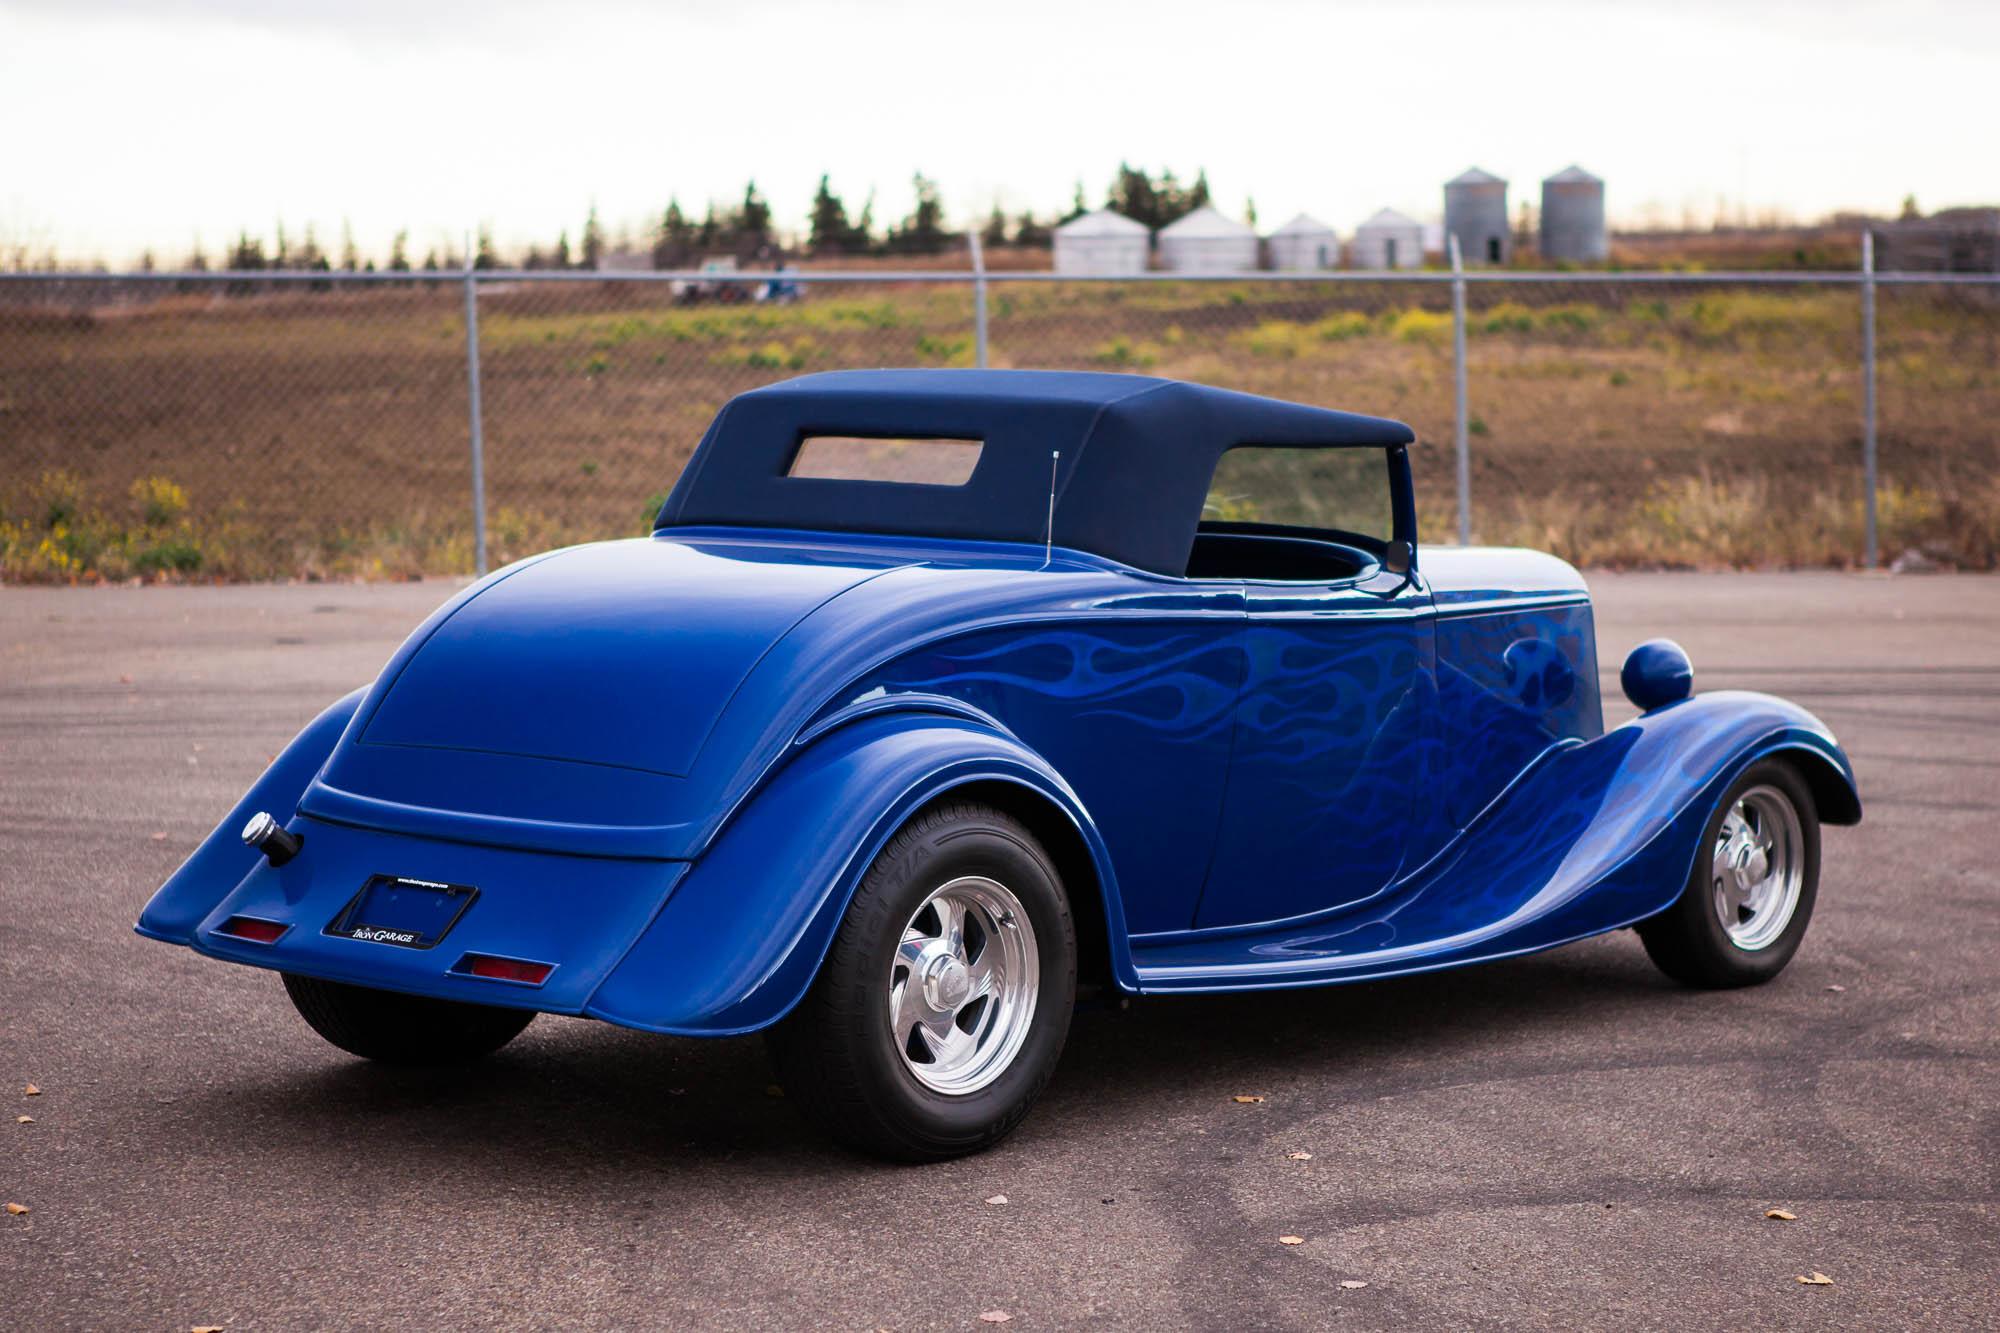 1933 full-fender ford roadster - for sale